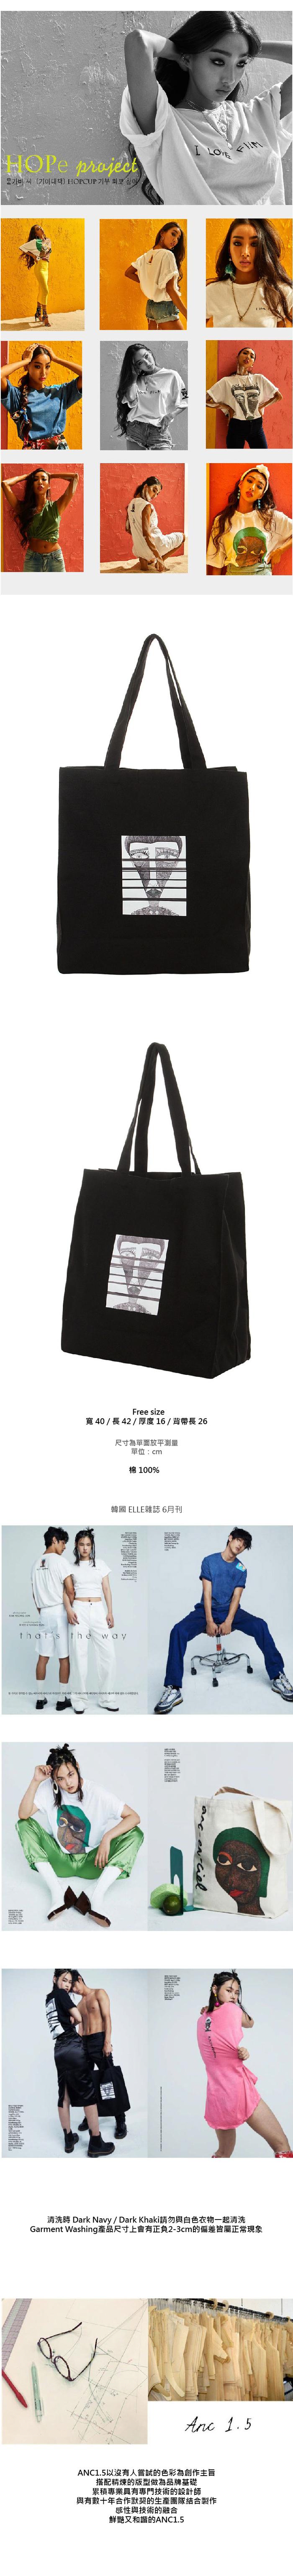 (複製)ANC1.5|HAJUNGWOO 河正宇聯名設計水洗大帆布包 1014